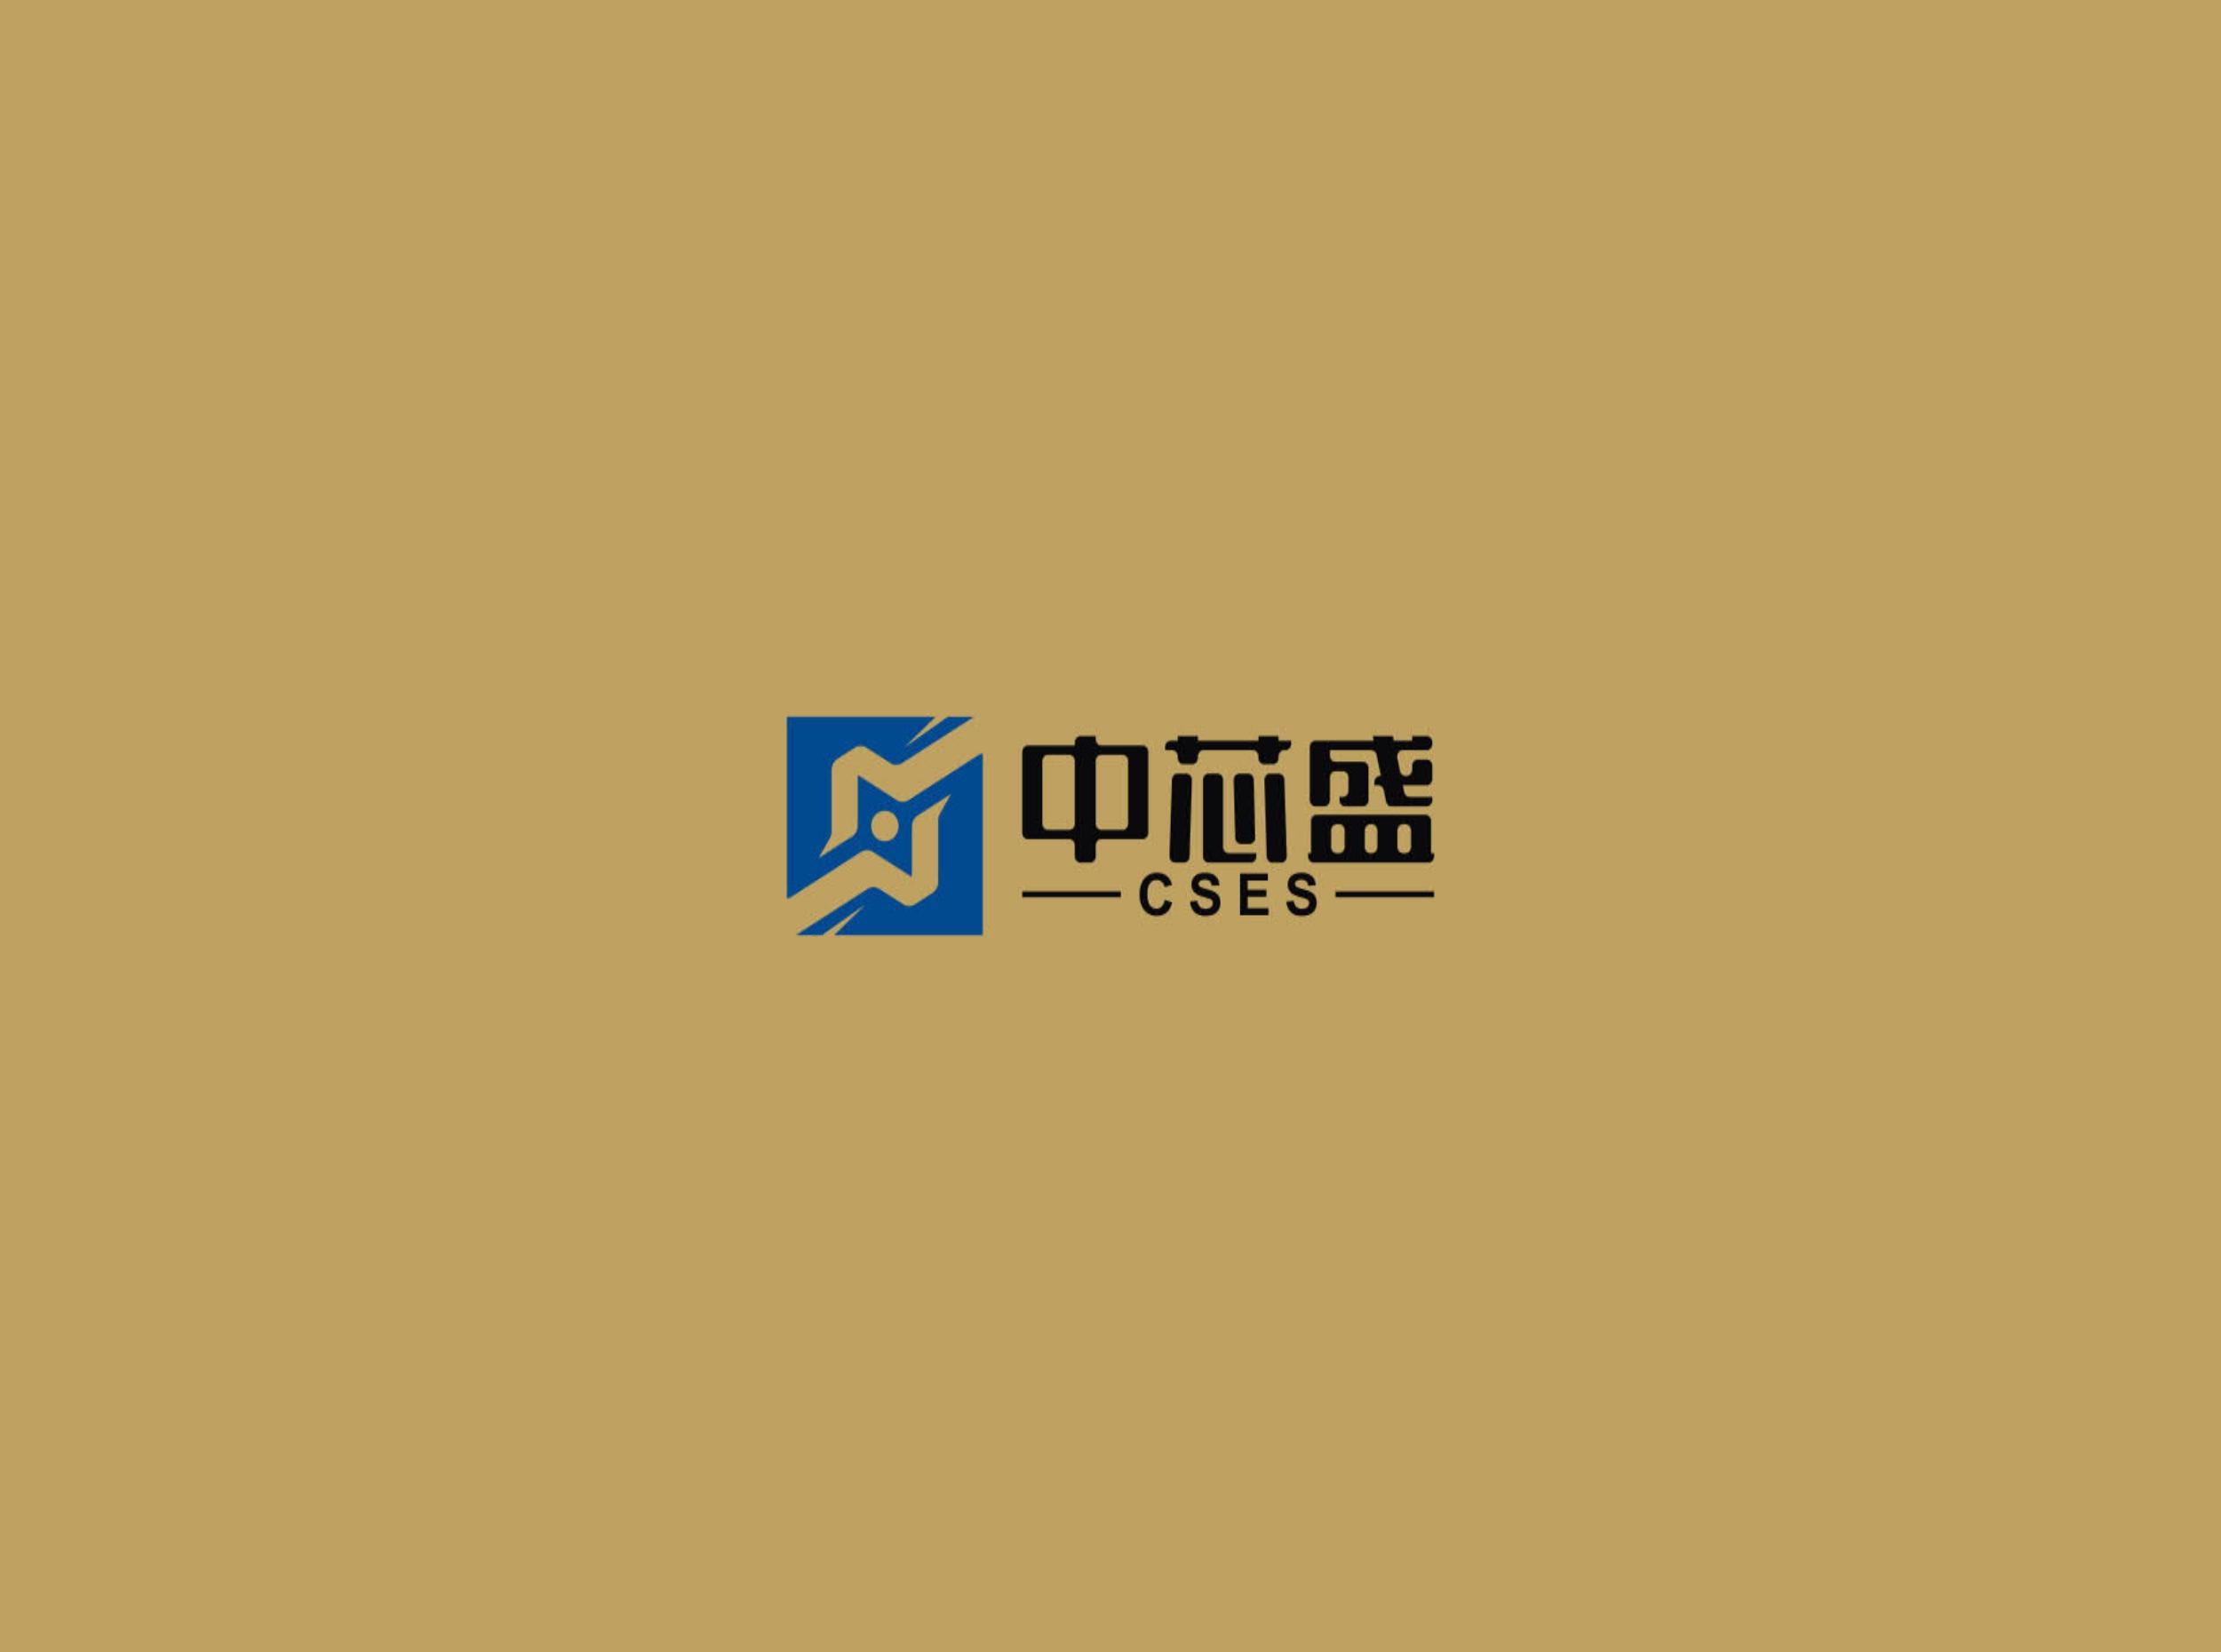 上海中芯盛半导体设备有限公司3